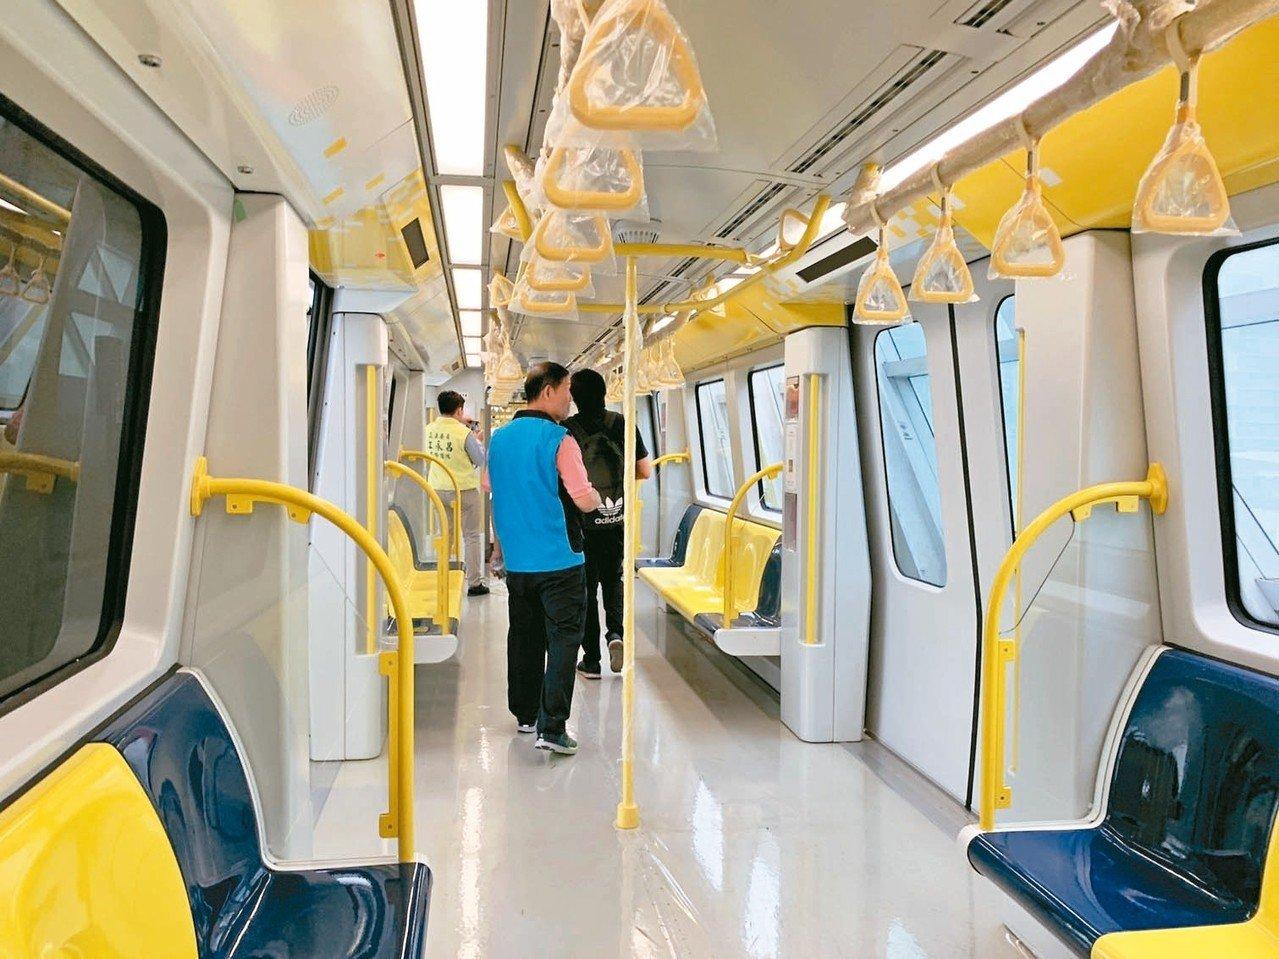 捷運環狀線年底通車,正進行穩定性測試。 記者張曼蘋/攝影